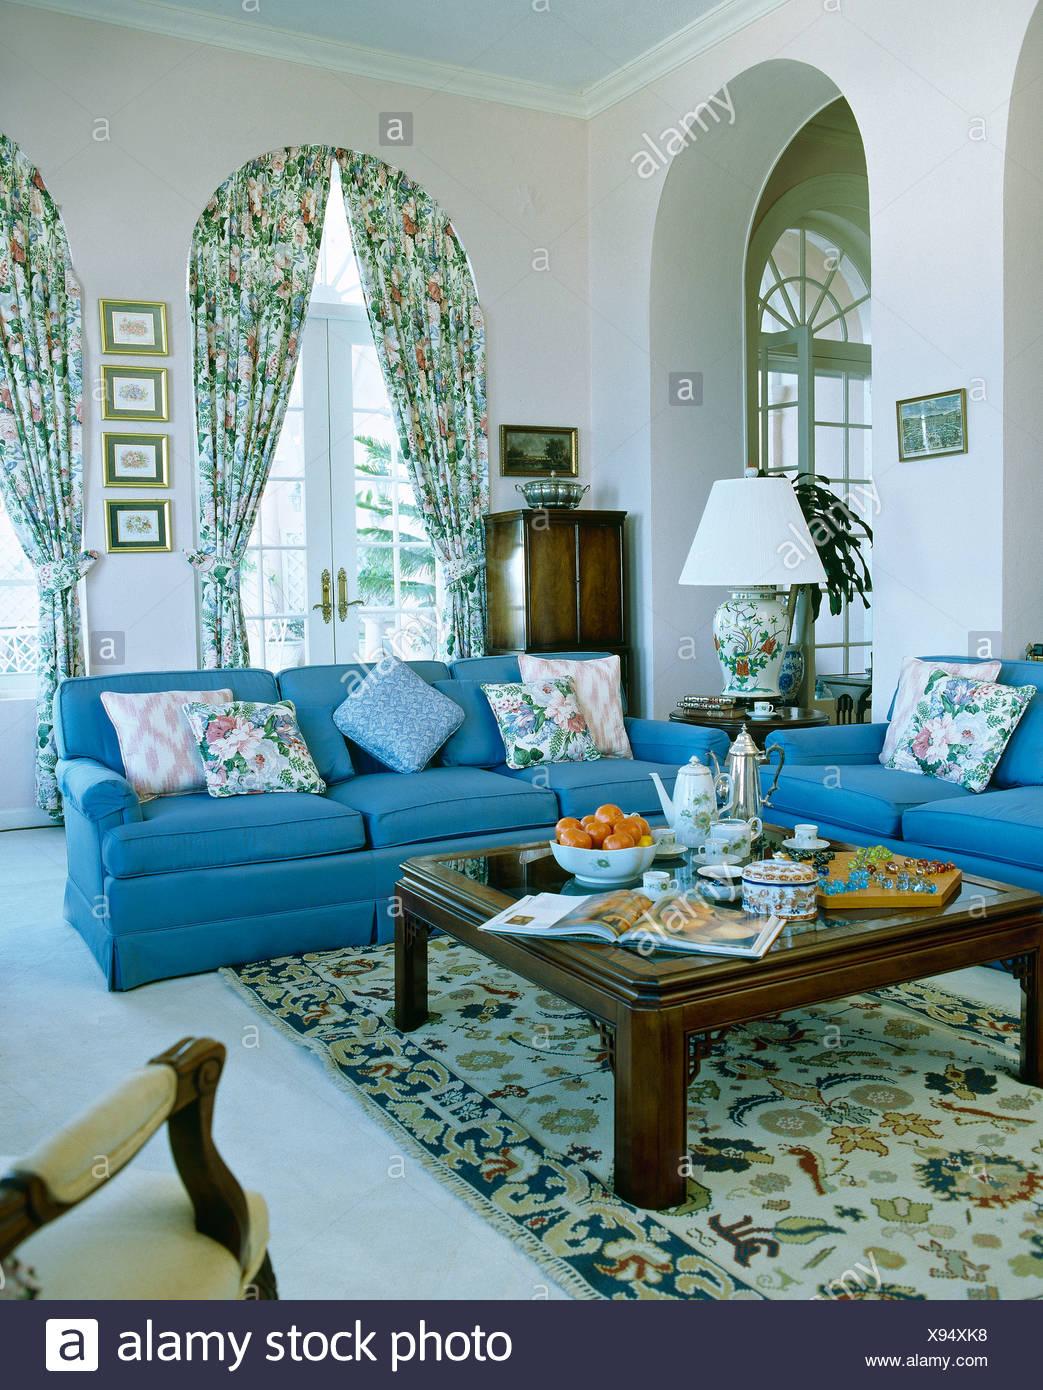 Wunderbar Wohnzimmer Blau Holz Fotos - Heimat Ideen ...